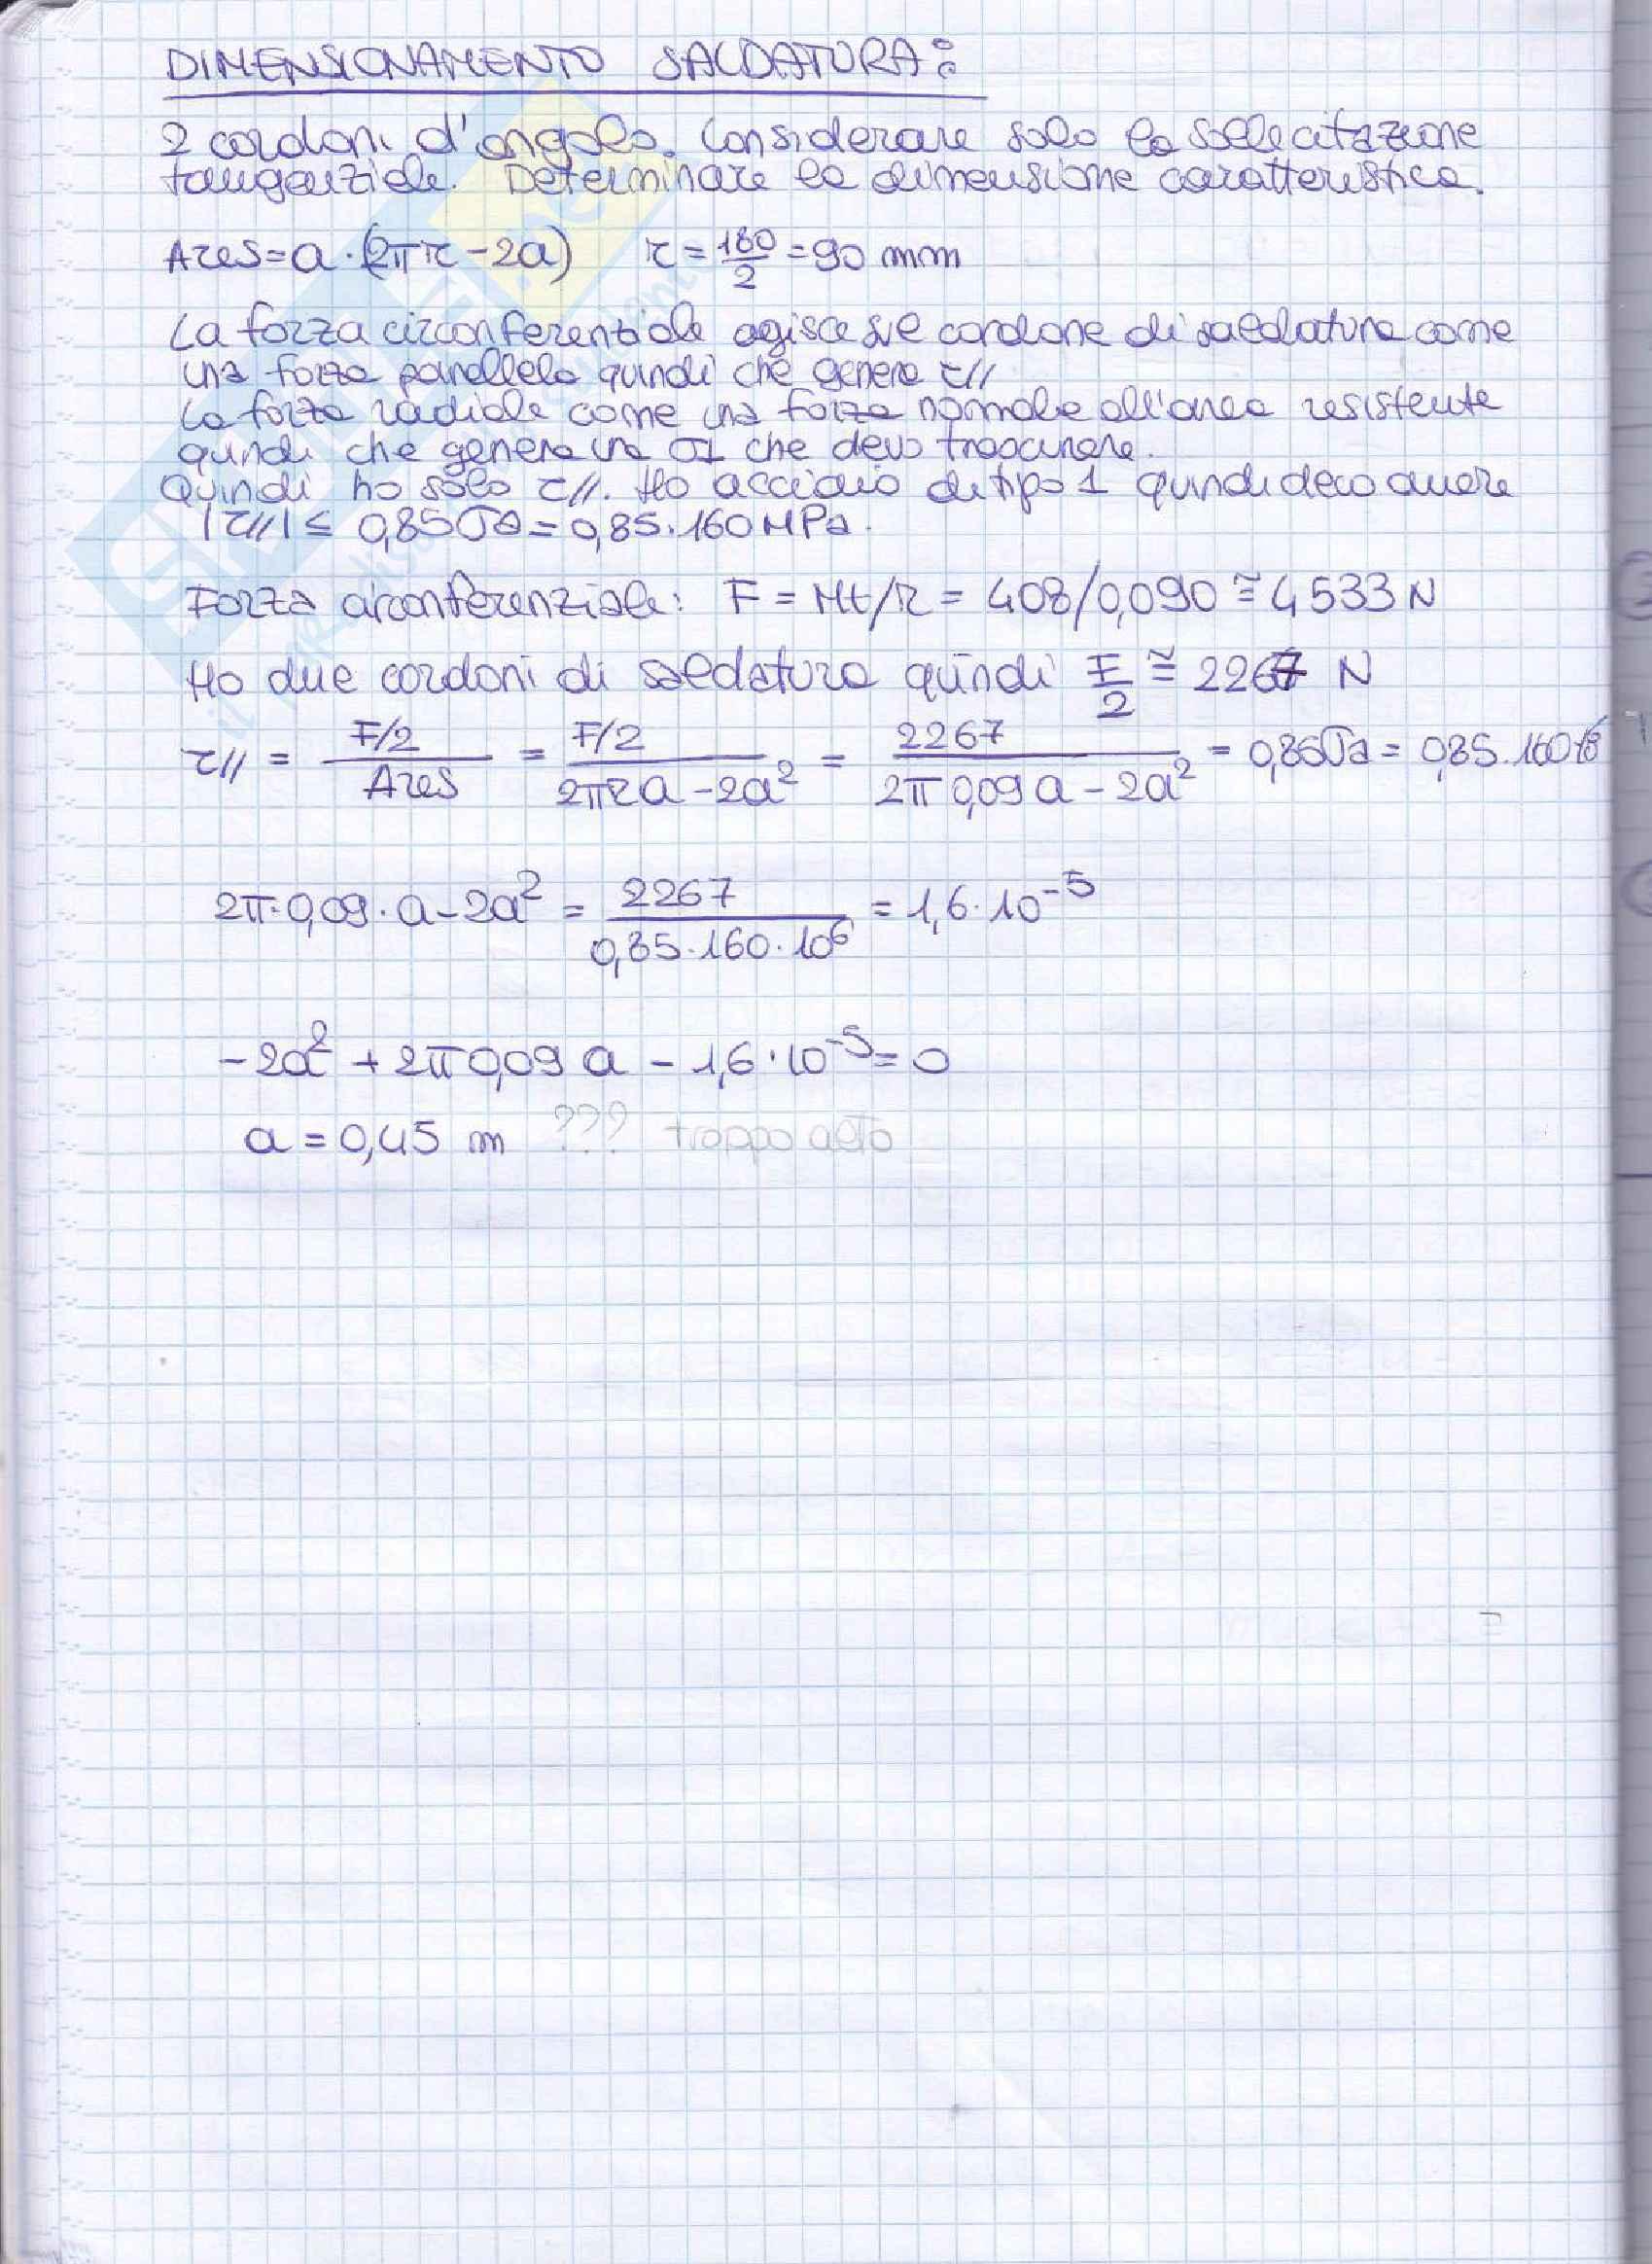 Elementi costruttivi delle macchine - Esercizi esame svolti Pag. 91